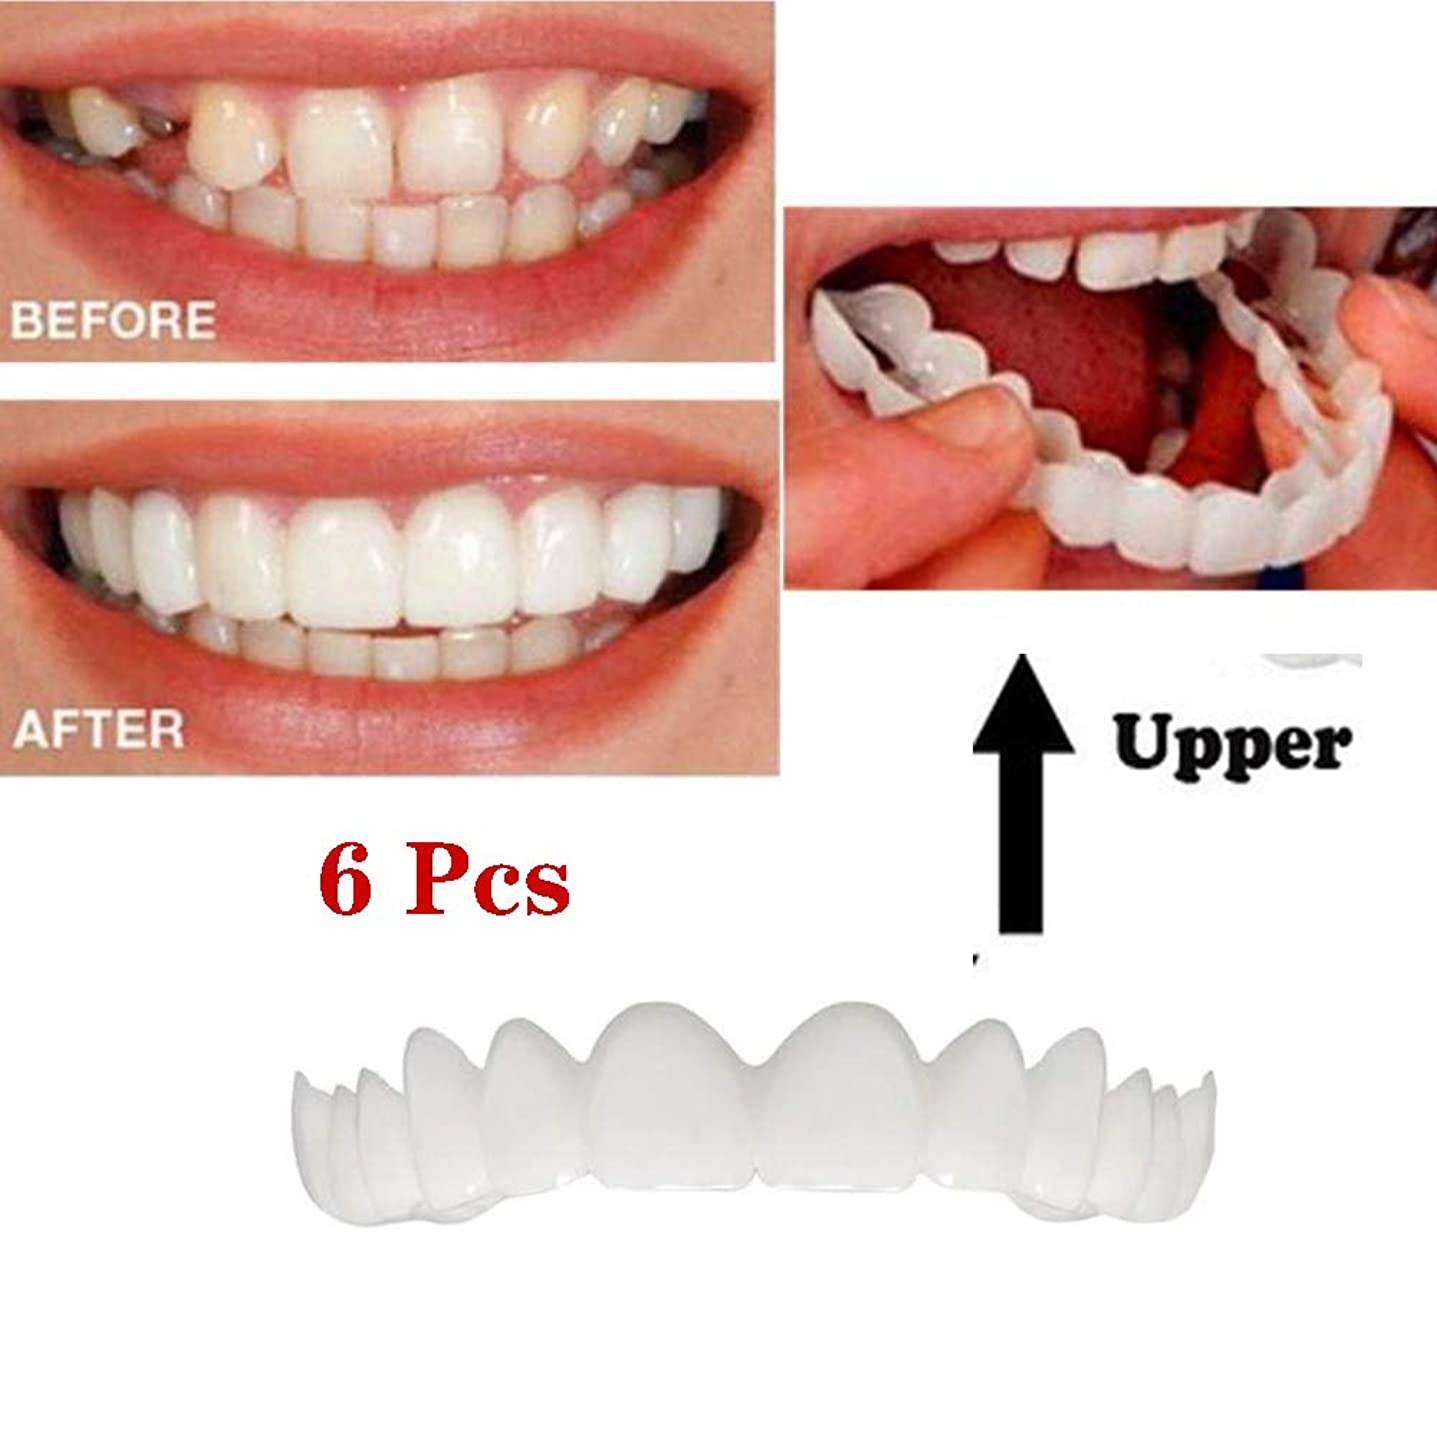 詳細にトーク独裁者義歯口腔ケア歯ホワイトニング義歯口腔ケアアッパーブレース一時的な化粧品歯義歯 - 6本